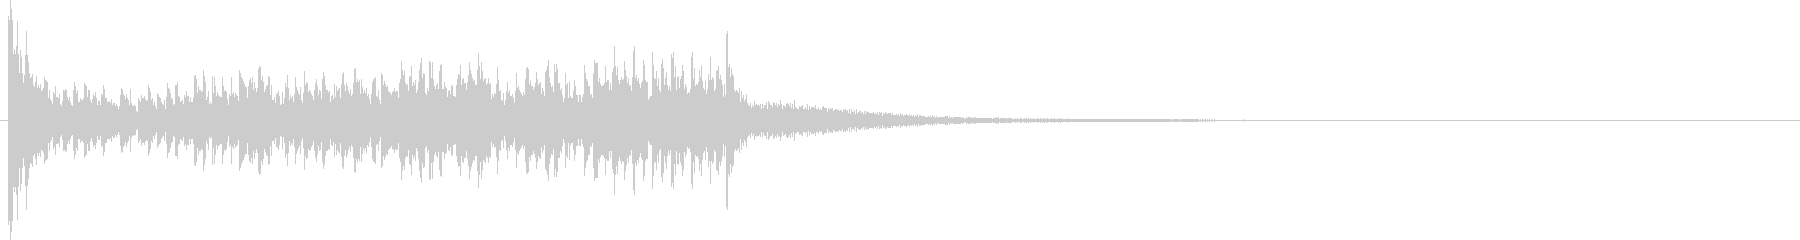 ティンパニ:アブロール、ティンパニ...の未再生の波形